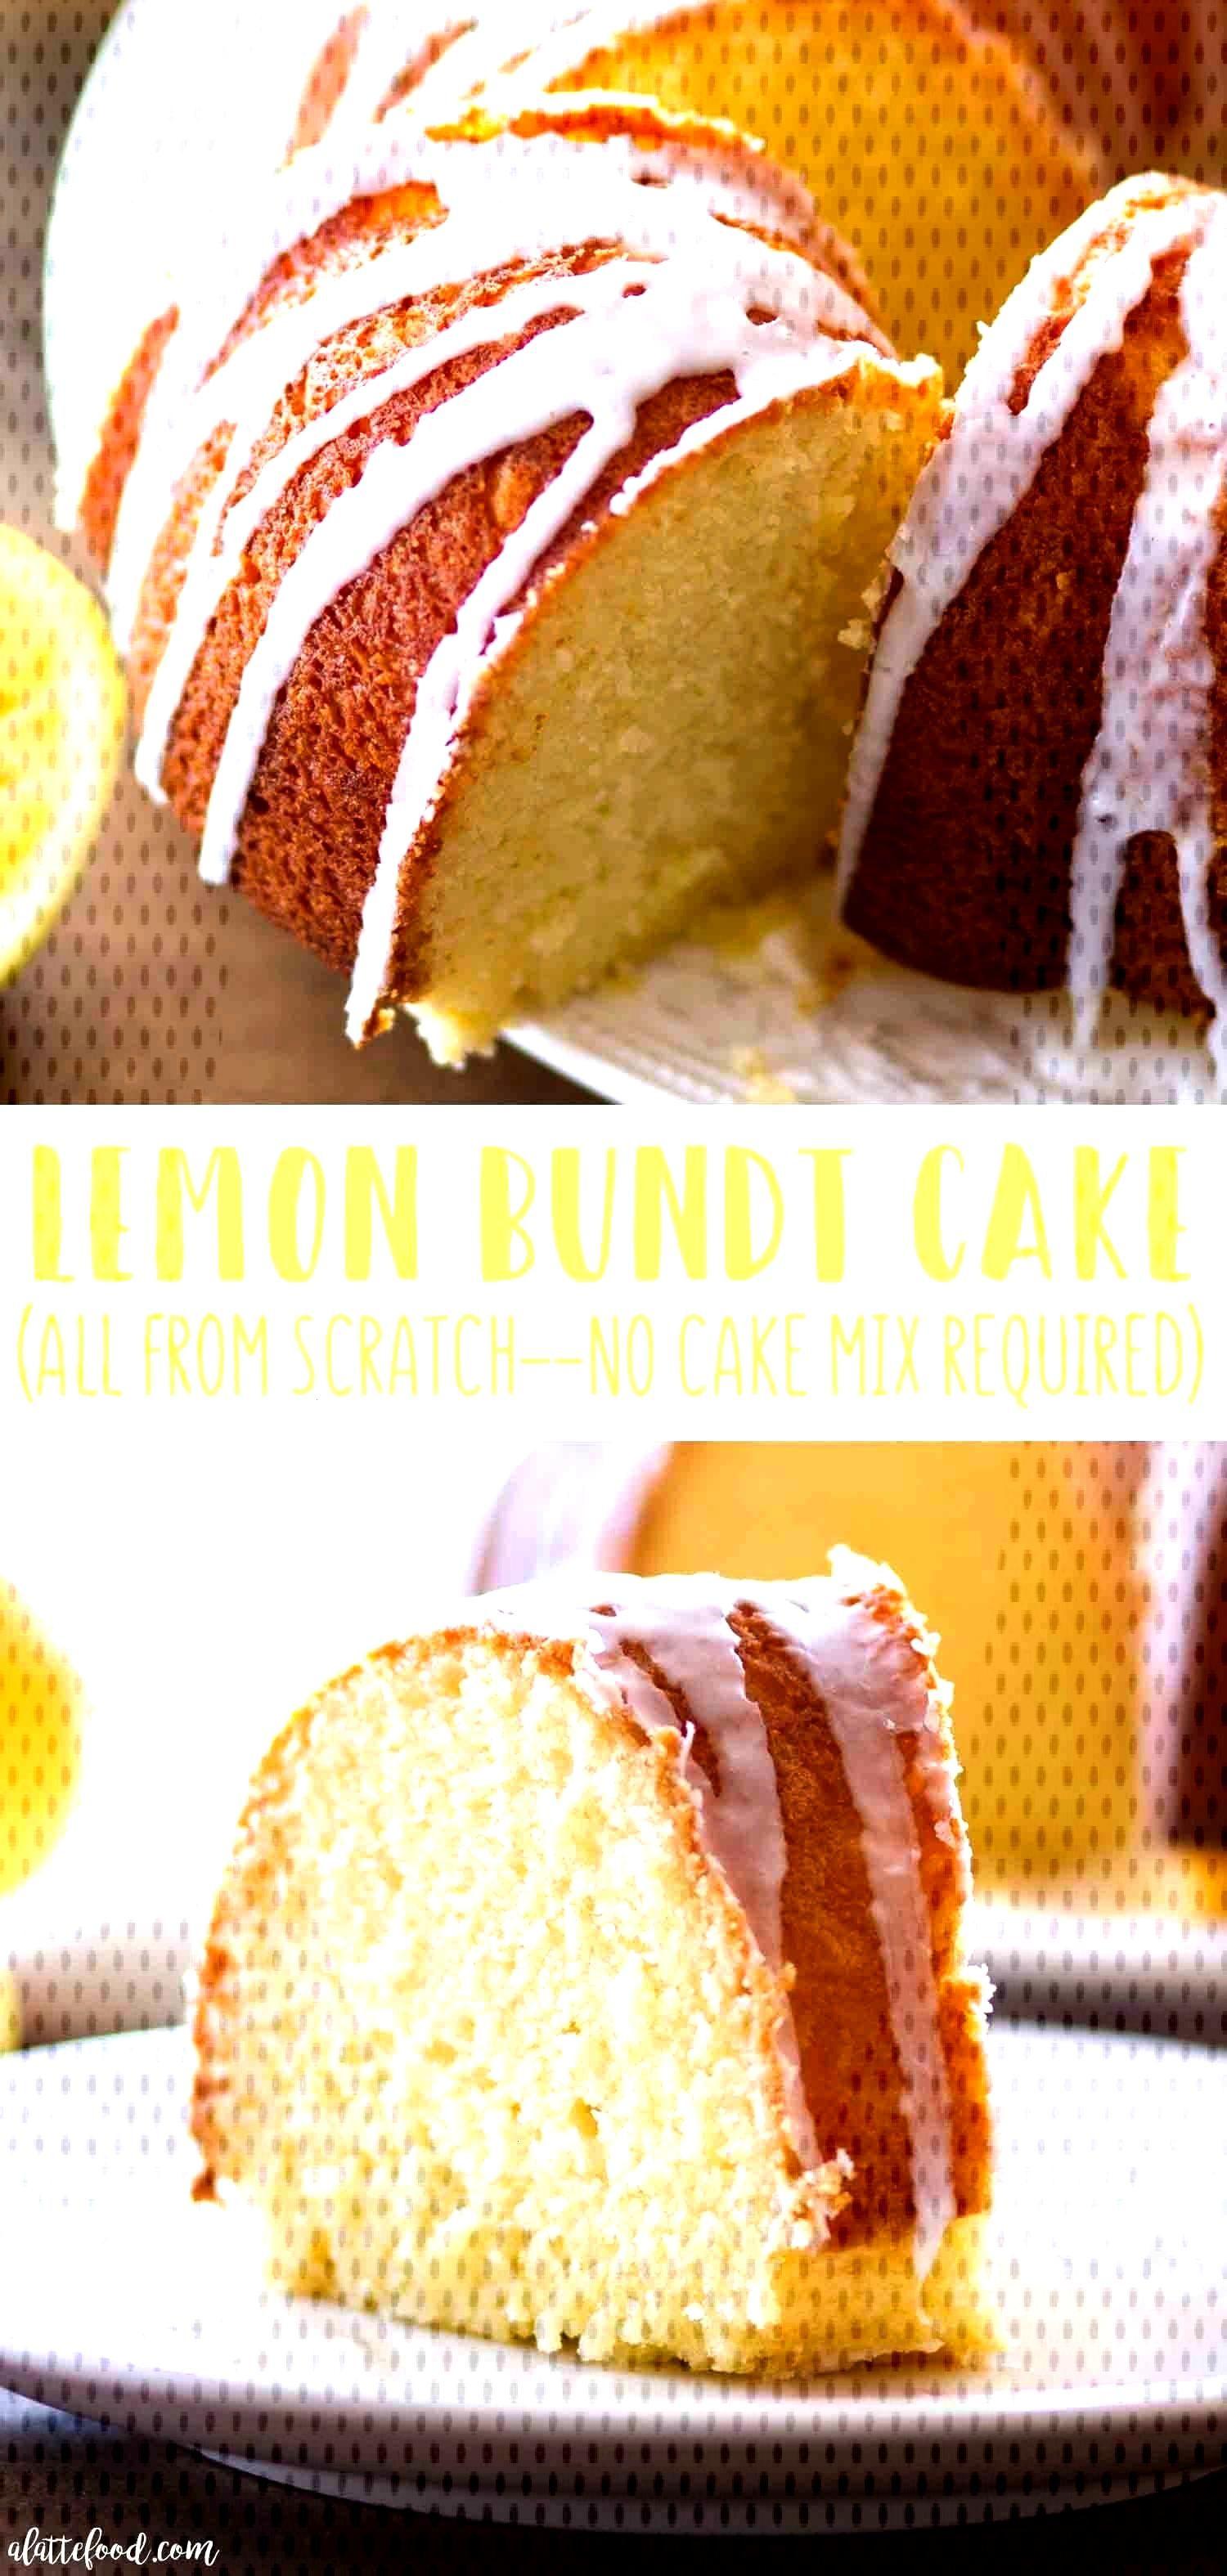 Easy Lemon Bundt Cake Recipe -